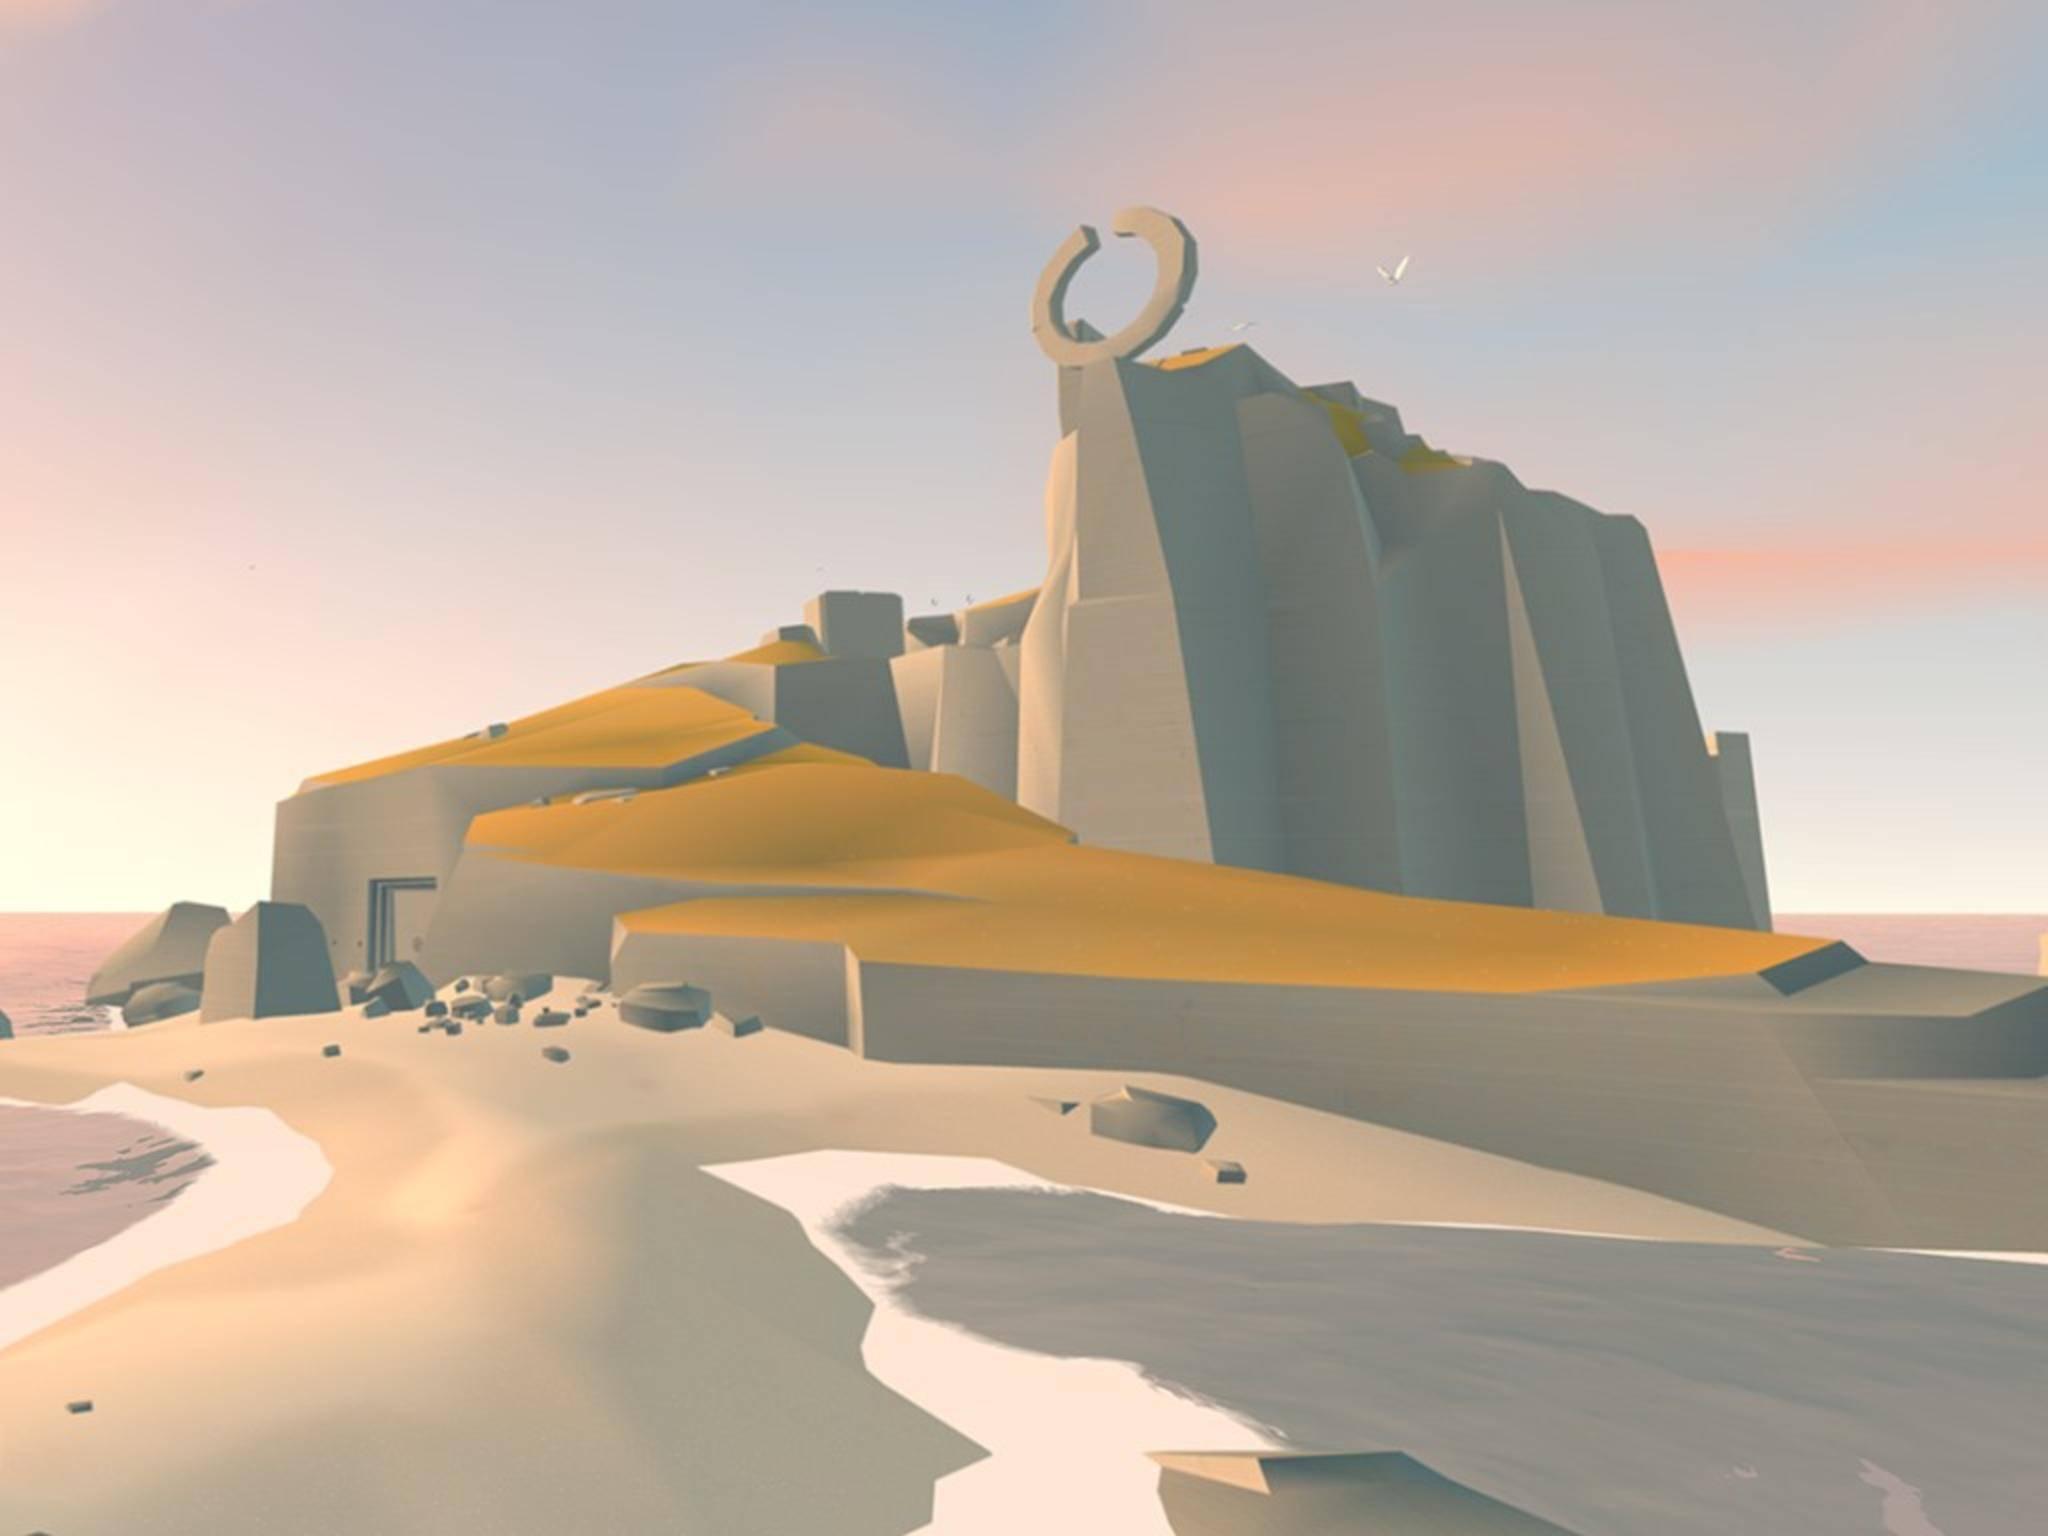 Virtual Reality Die Besten Spiele Für Samsung Gear VR - Minecraft vr spielen